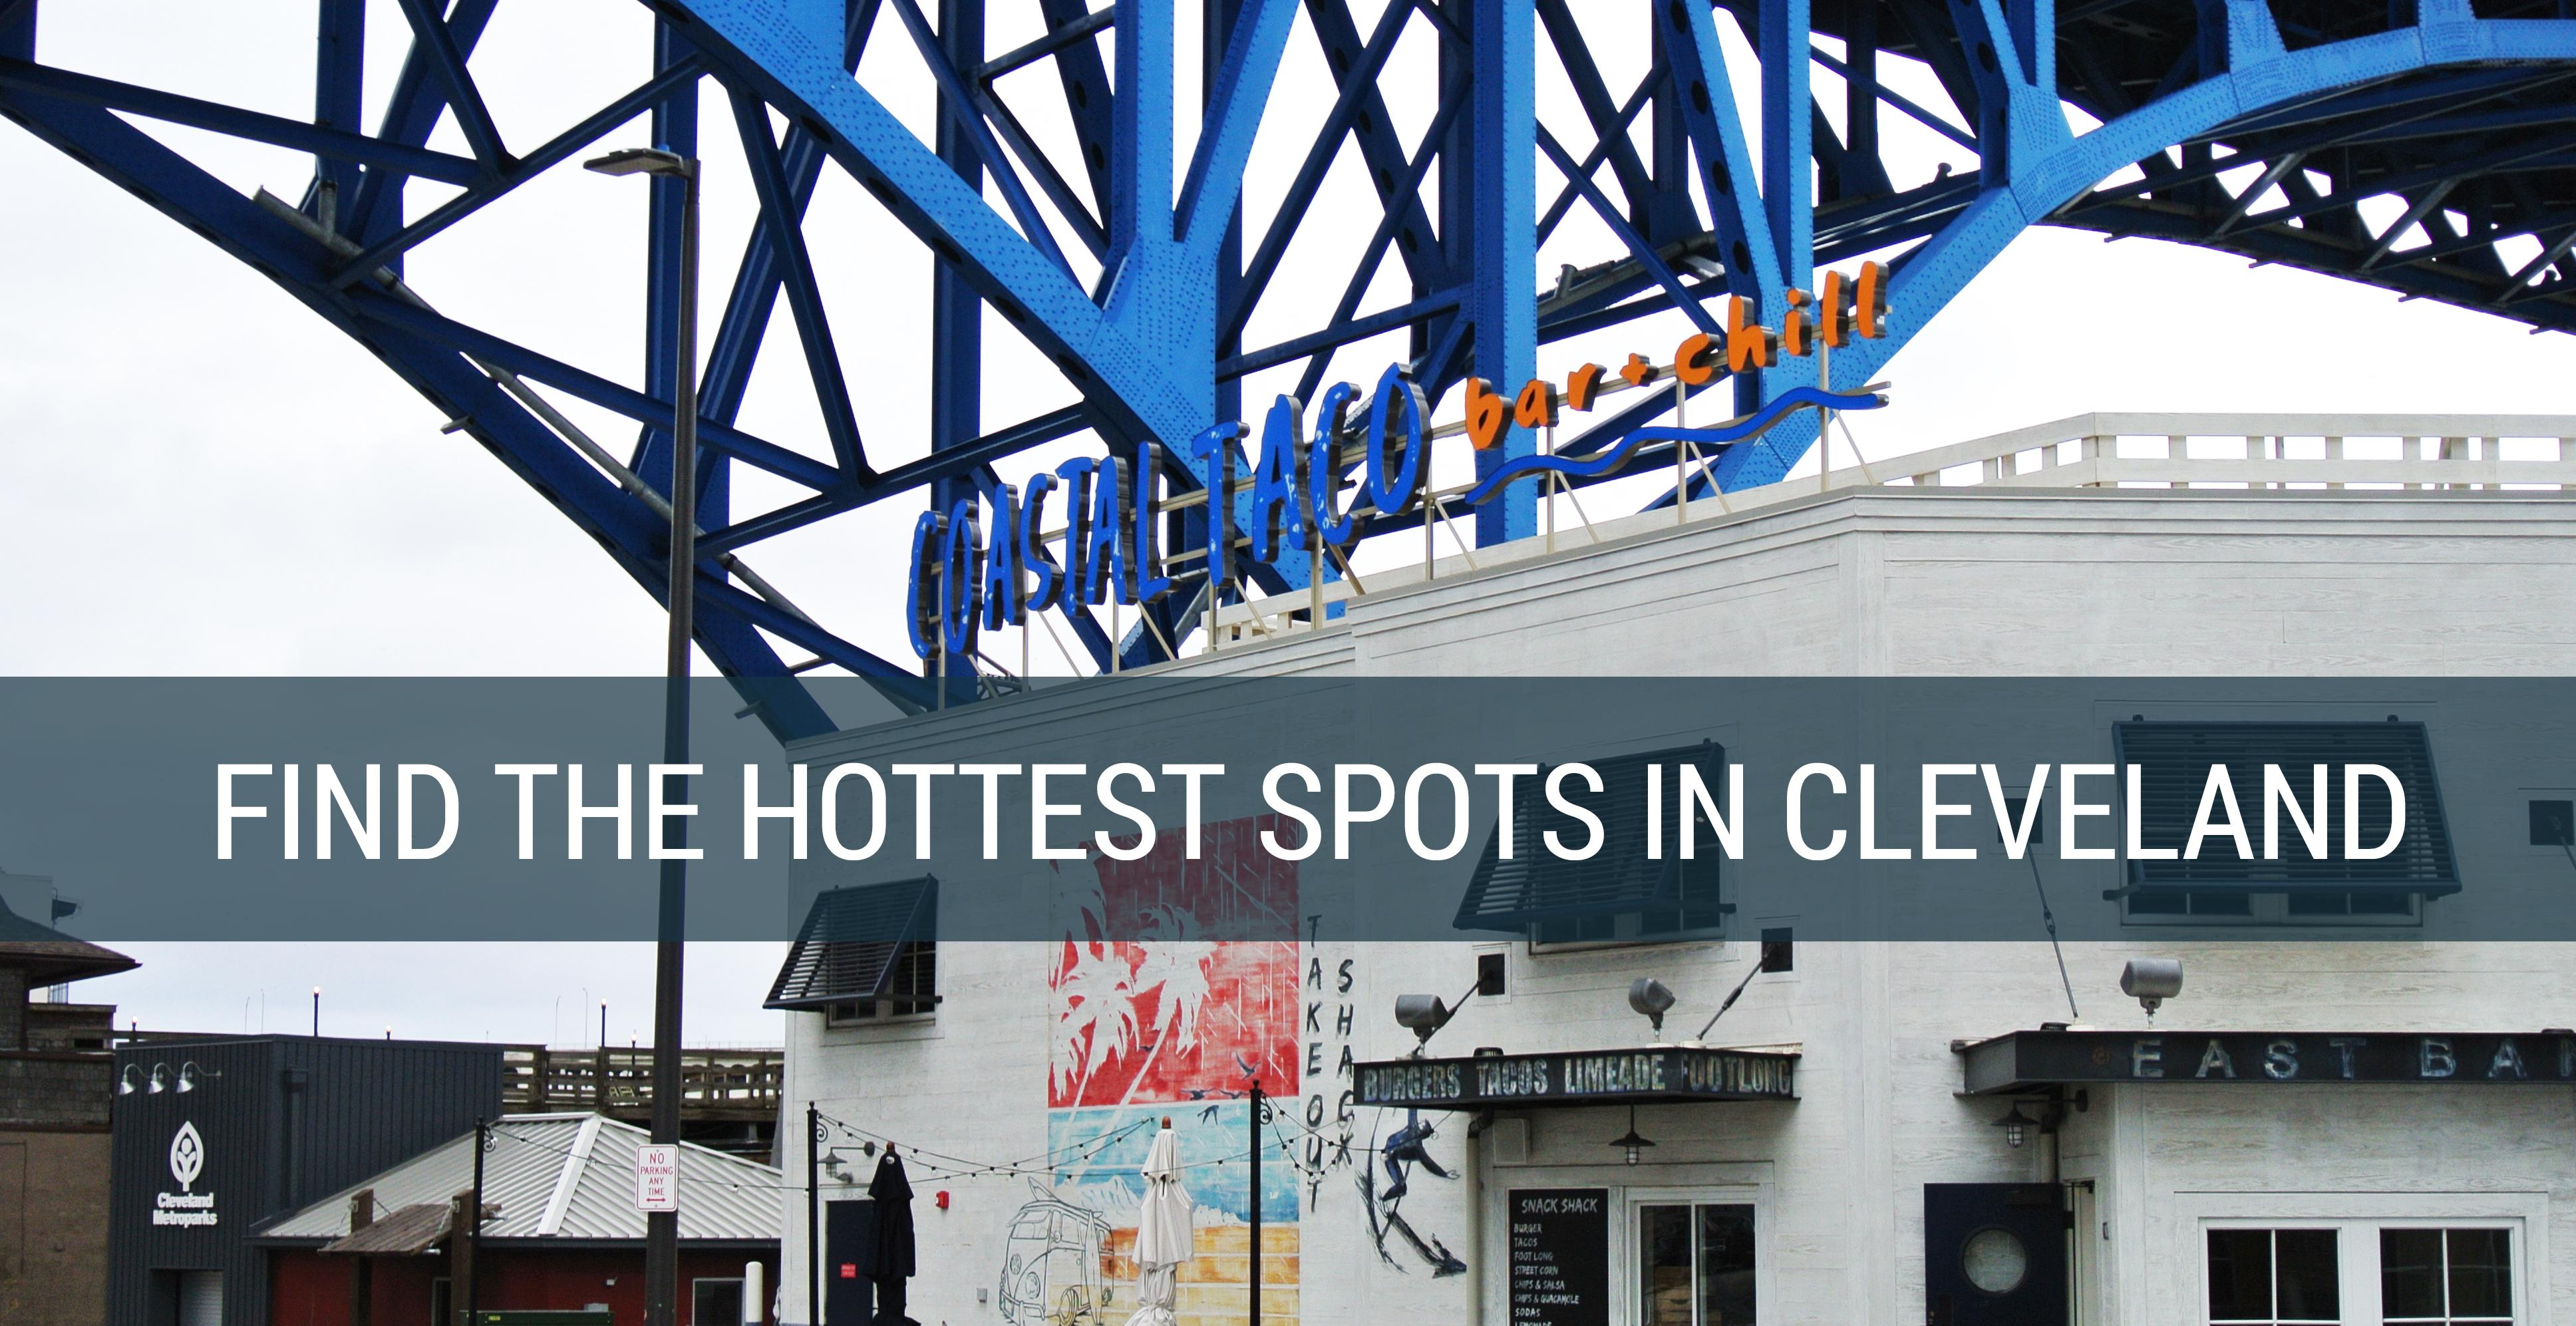 hottestspots